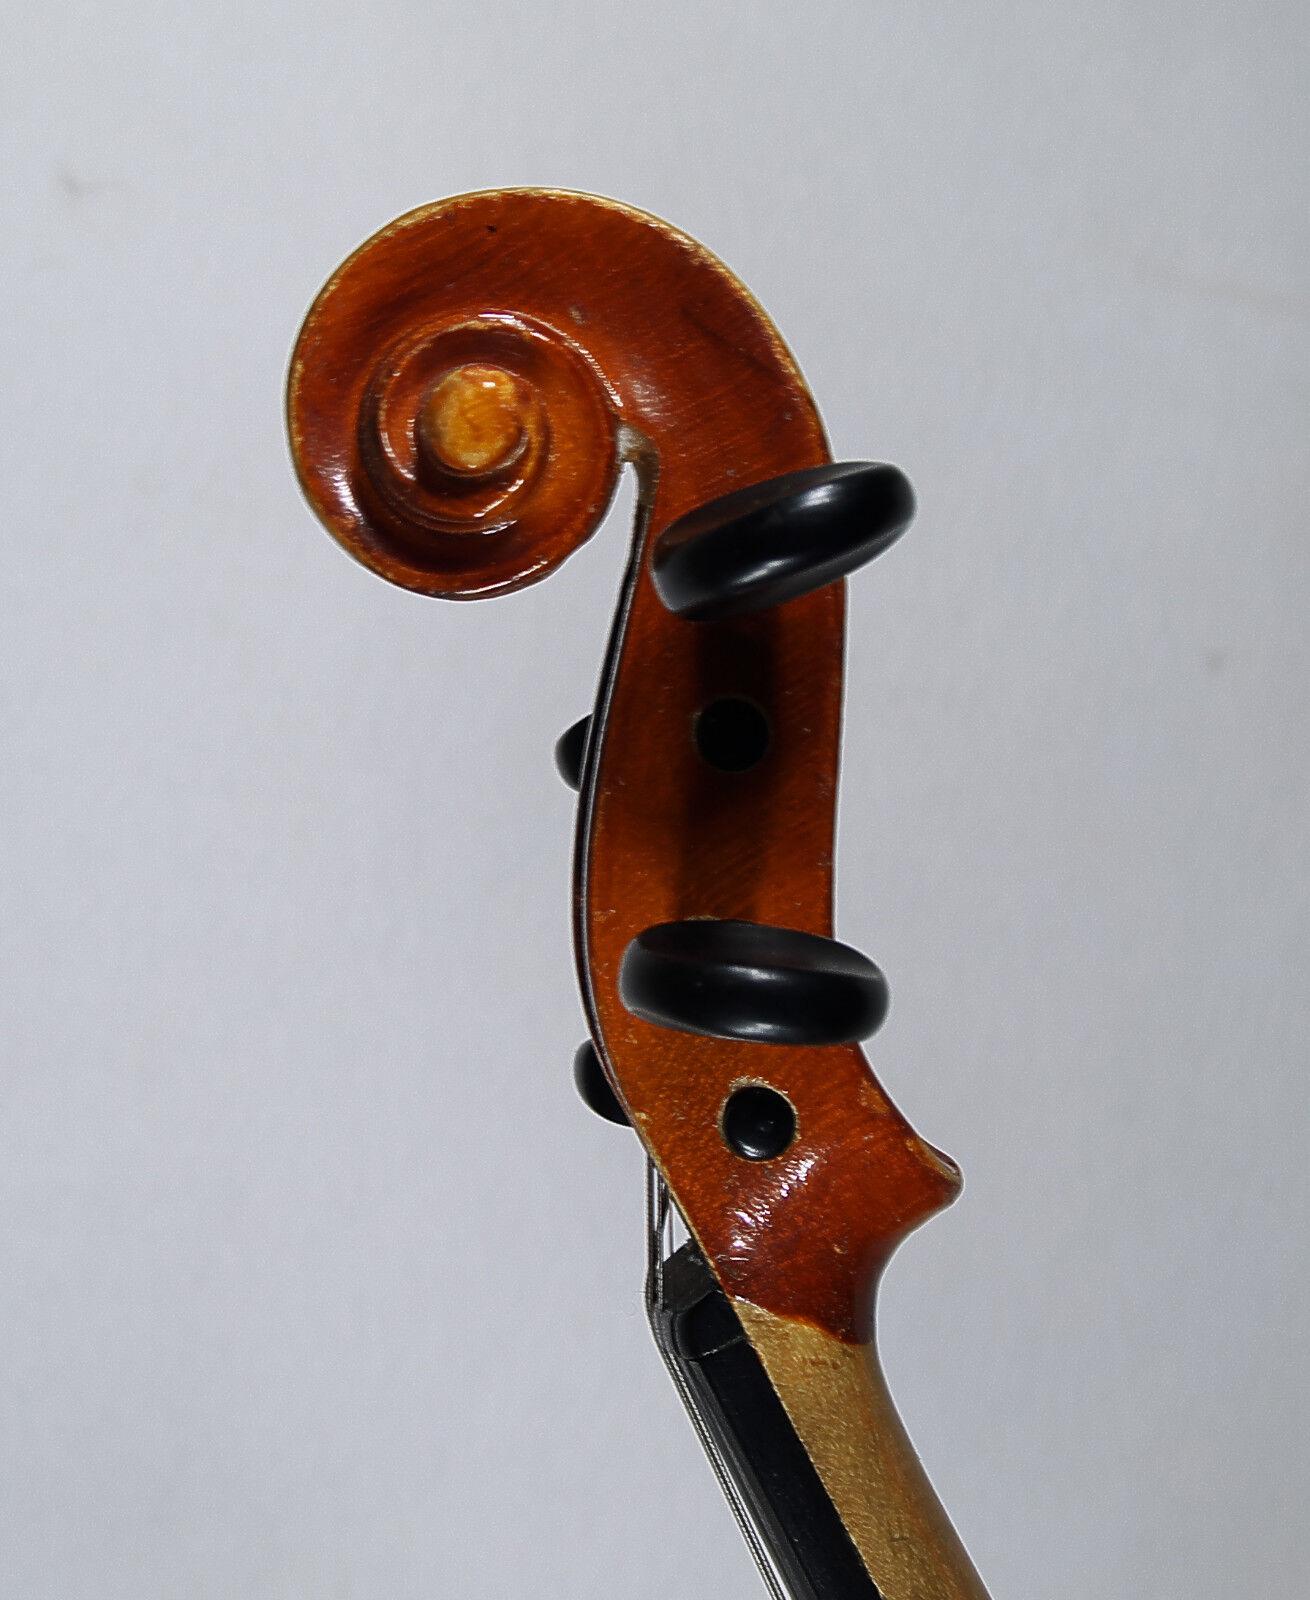 Otto Jos Jos Jos Klier No. 12  1989 Violin Bow and Case Model KV-312 ser. 12349 3c5926